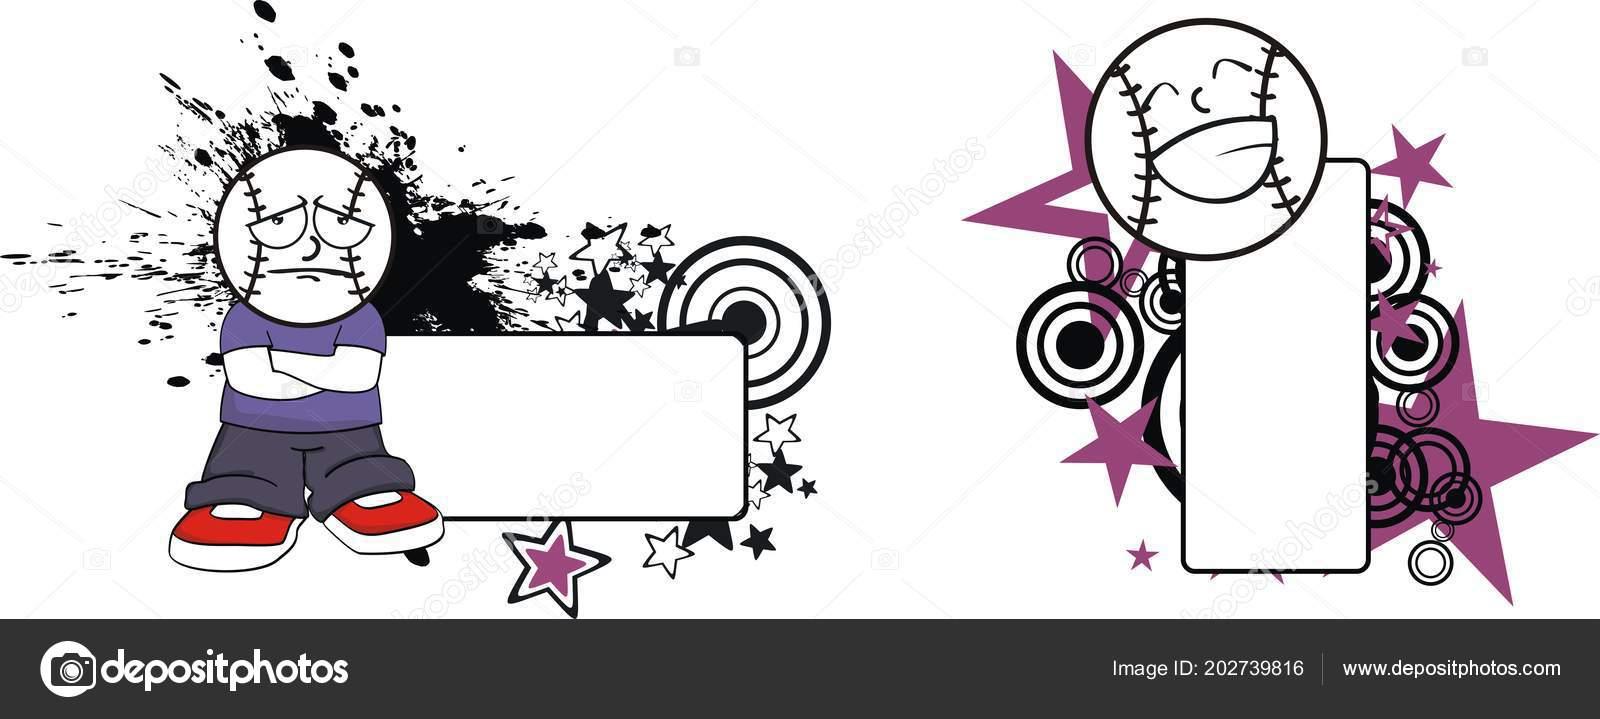 3993e077320 Béisbol divertido niño cabeza copia dibujos animados espacio formato jpg  1600x719 Beisbol facil dibujos animados de